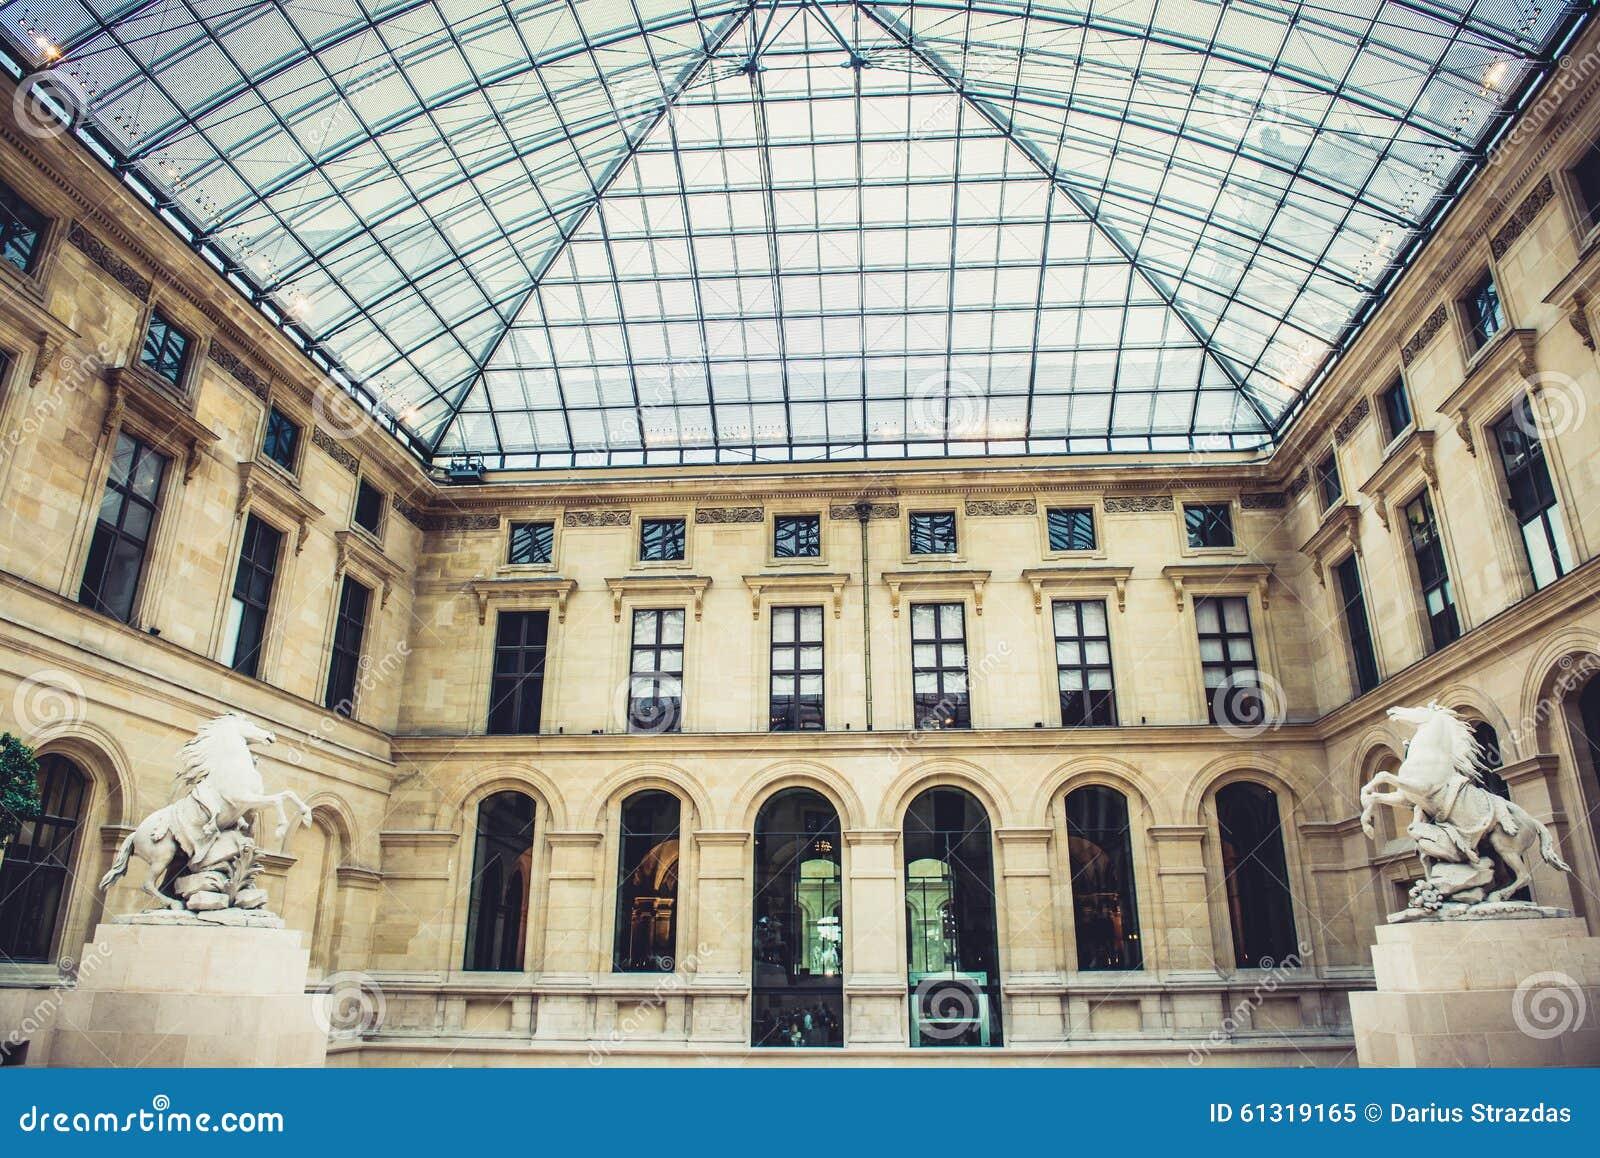 Louvre Museum interior editorial image. Image of paris - 61319165